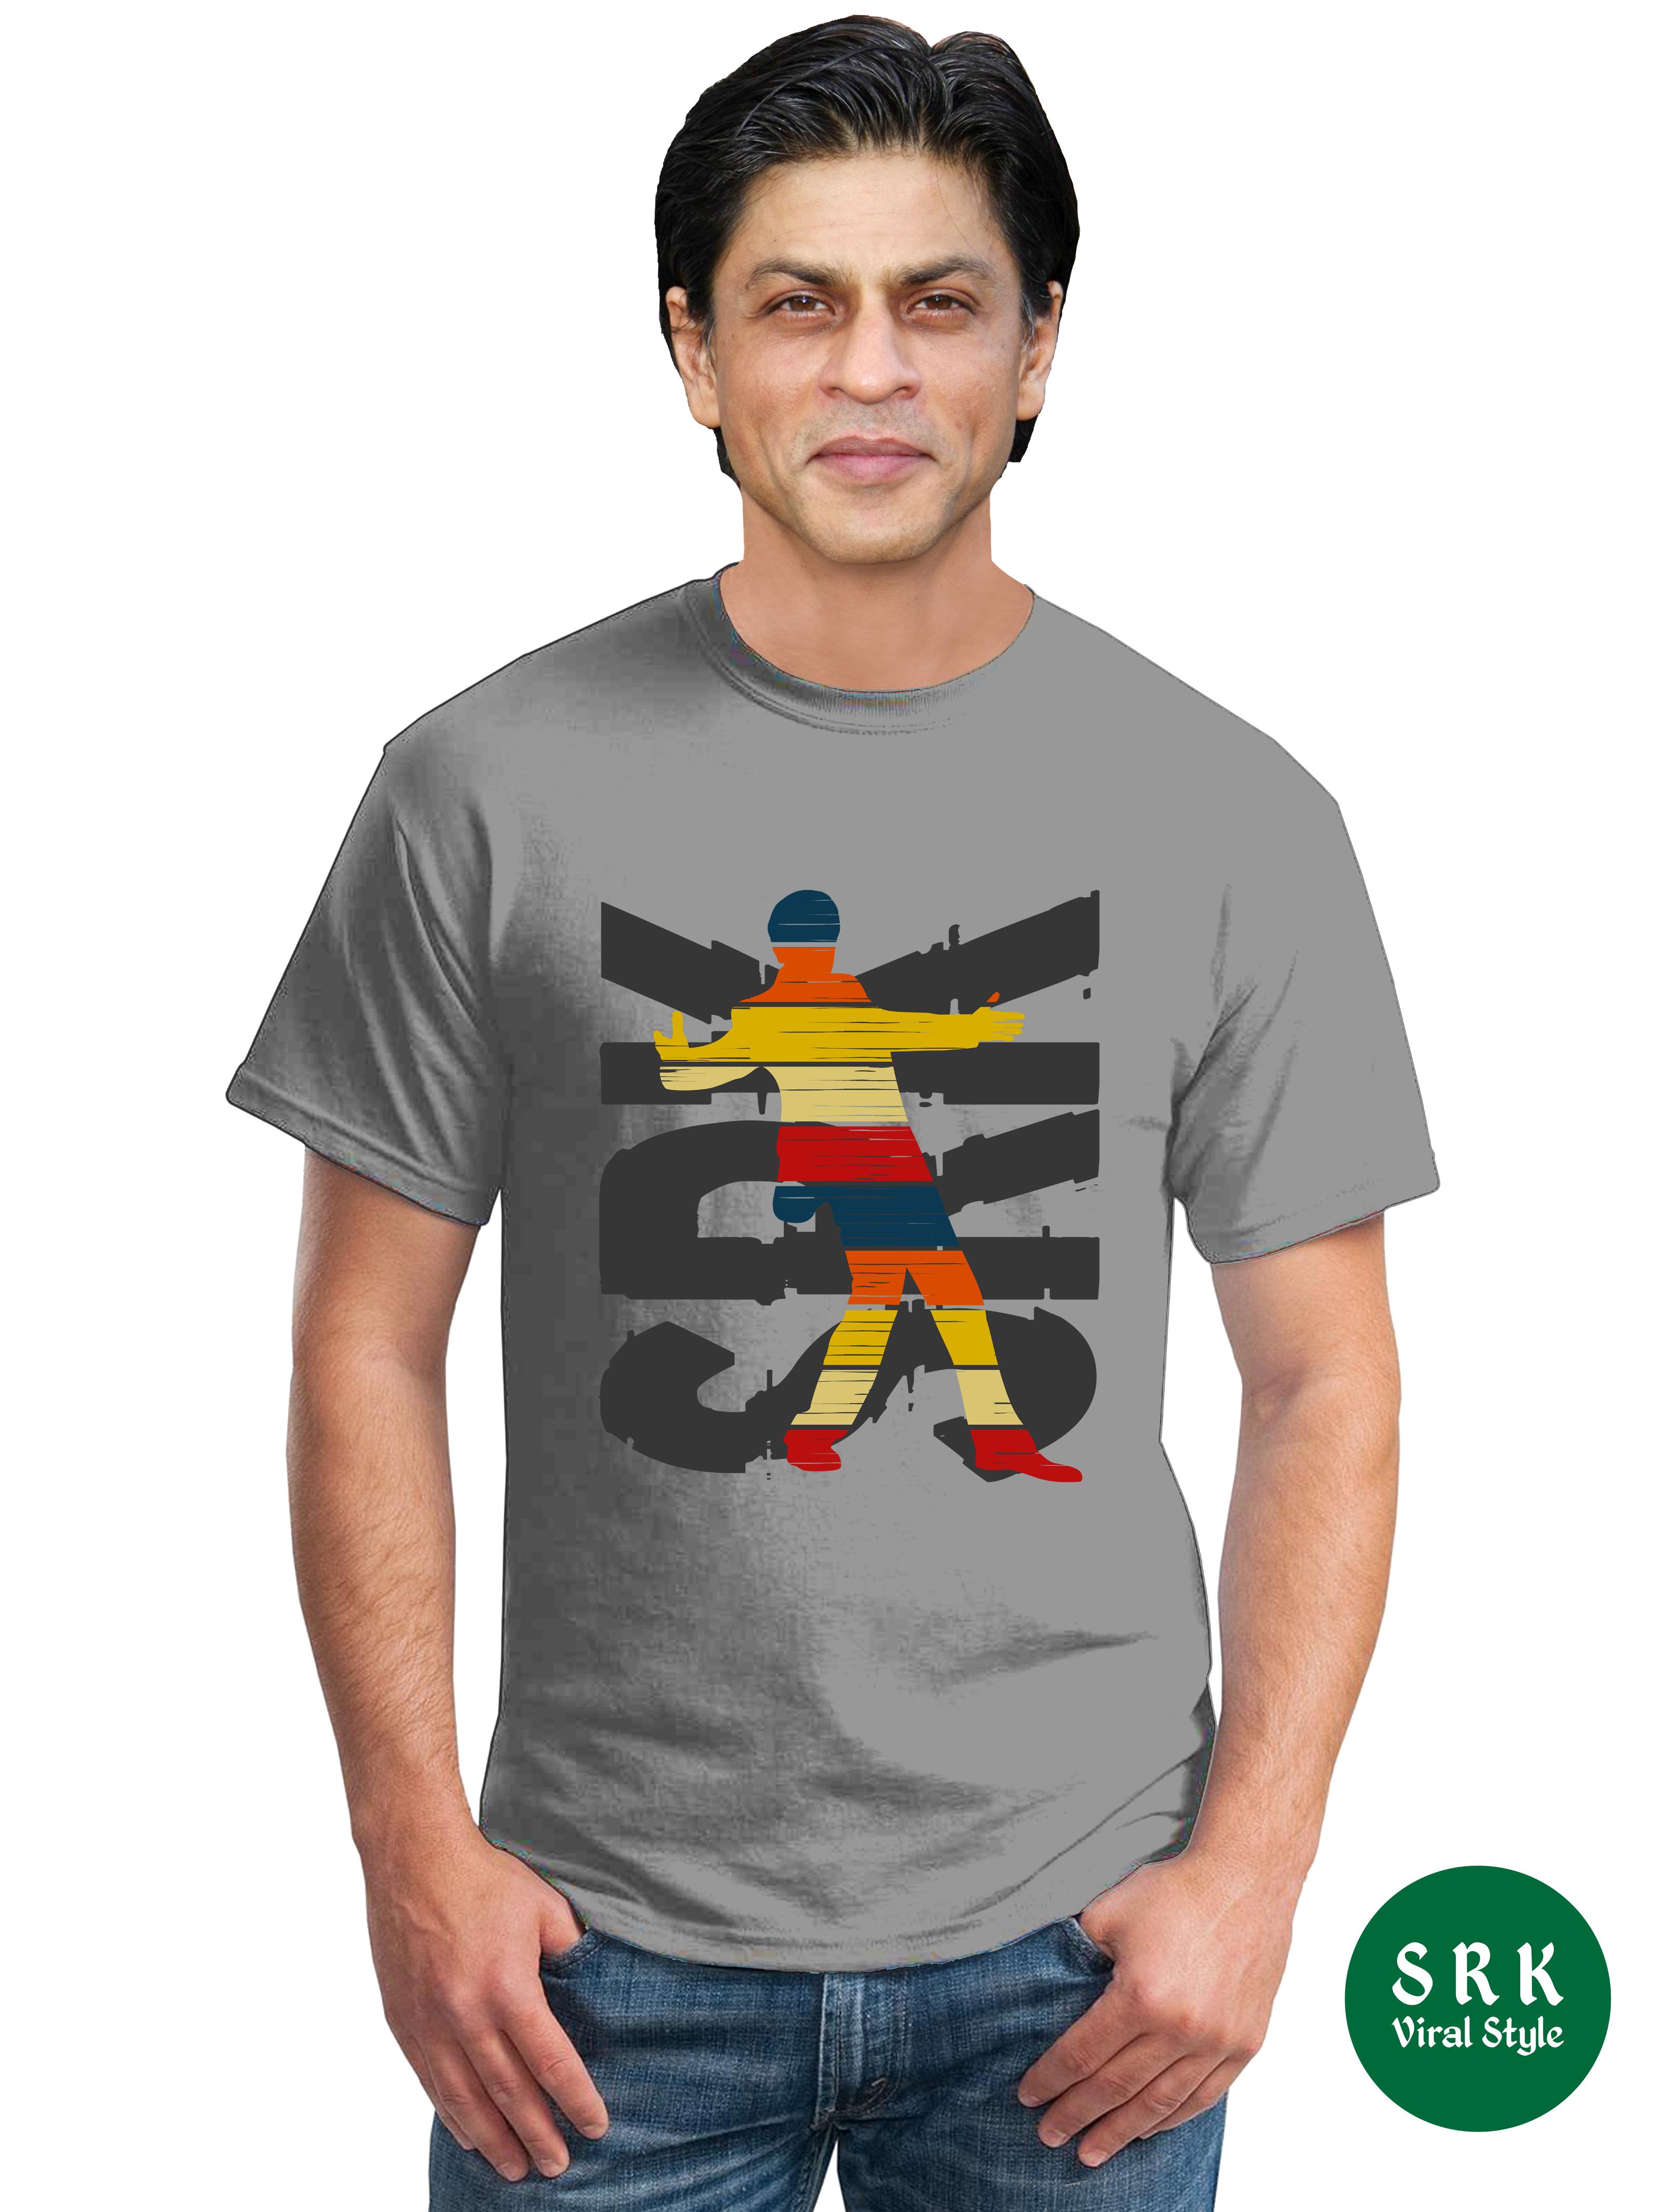 Shah Rukh Khan Clothing Shirt, srk,srk shahrukh khan,srk